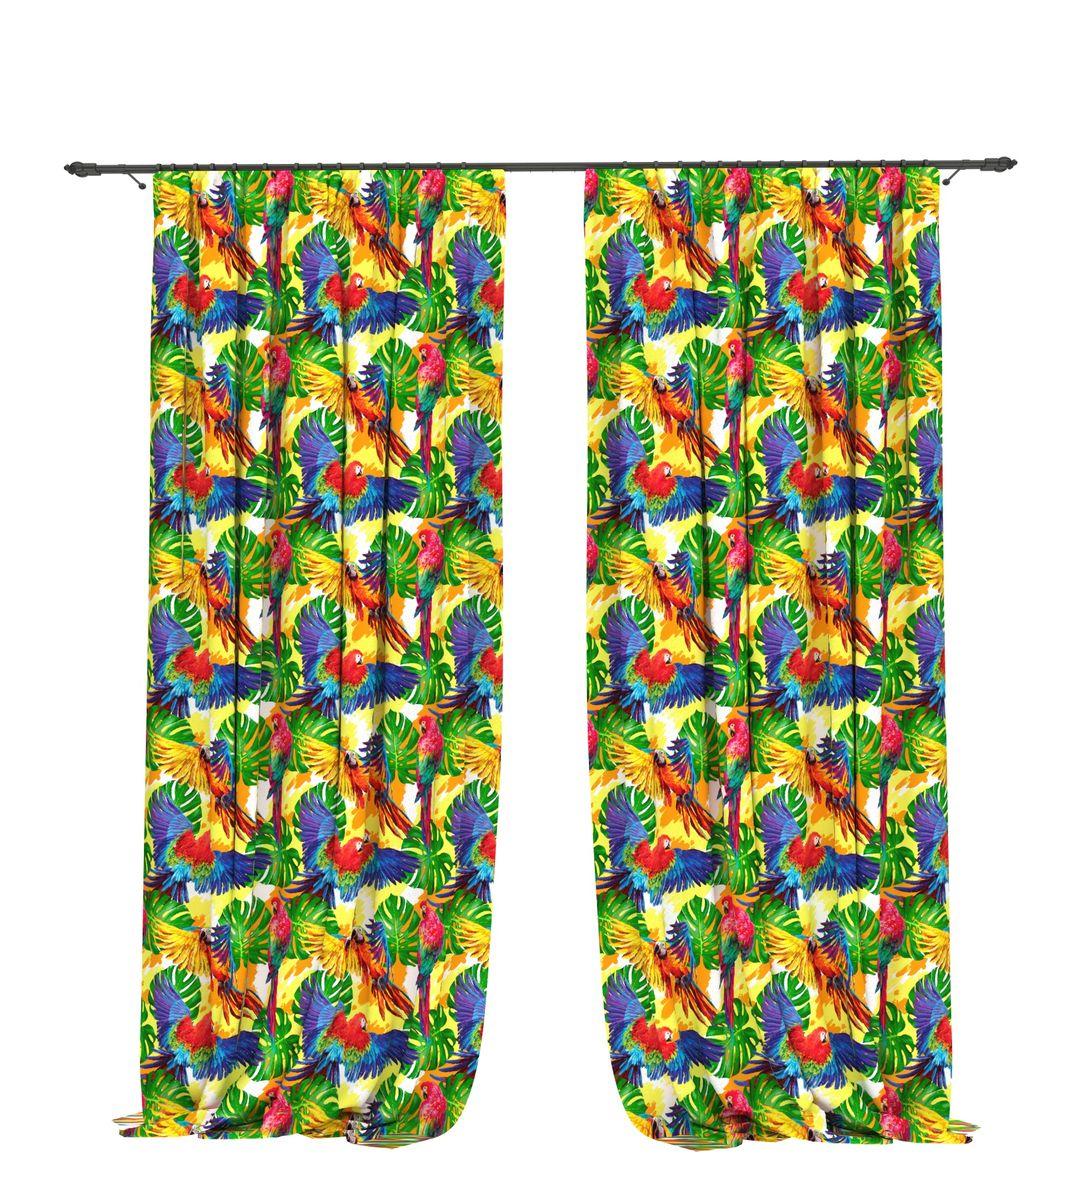 Комплект фотоштор Bellino Home Амазоны, высота 260 см. 05519-ФШ-ГБ-001шсг_11576Комплект фотоштор BELLINO HOME, коллекция Тропики. Рожденный вдоль экватора тропический стиль смешивает множество культур и традиций в единое целое. Эта коллекция подобно котлу, в котором варятся туземные материалы, элегантная простота, экзотические мотивы и море солнечного света. Будто бы вечные каникулы: здесь замедляется время и замирает суета мегаполиса. Богатое разнообразие флоры и фауны способно преобразить атмосферу любого интерьера. Крепление на карниз при помощи шторной ленты на крючки.В комплекте: Портьера: 2 шт. Размер (ШхВ): 145 см х 260 см. Рекомендации по уходу: стирка при 30 градусах гладить при температуре до 150 градусов Изображение на мониторе может немного отличаться от реального.